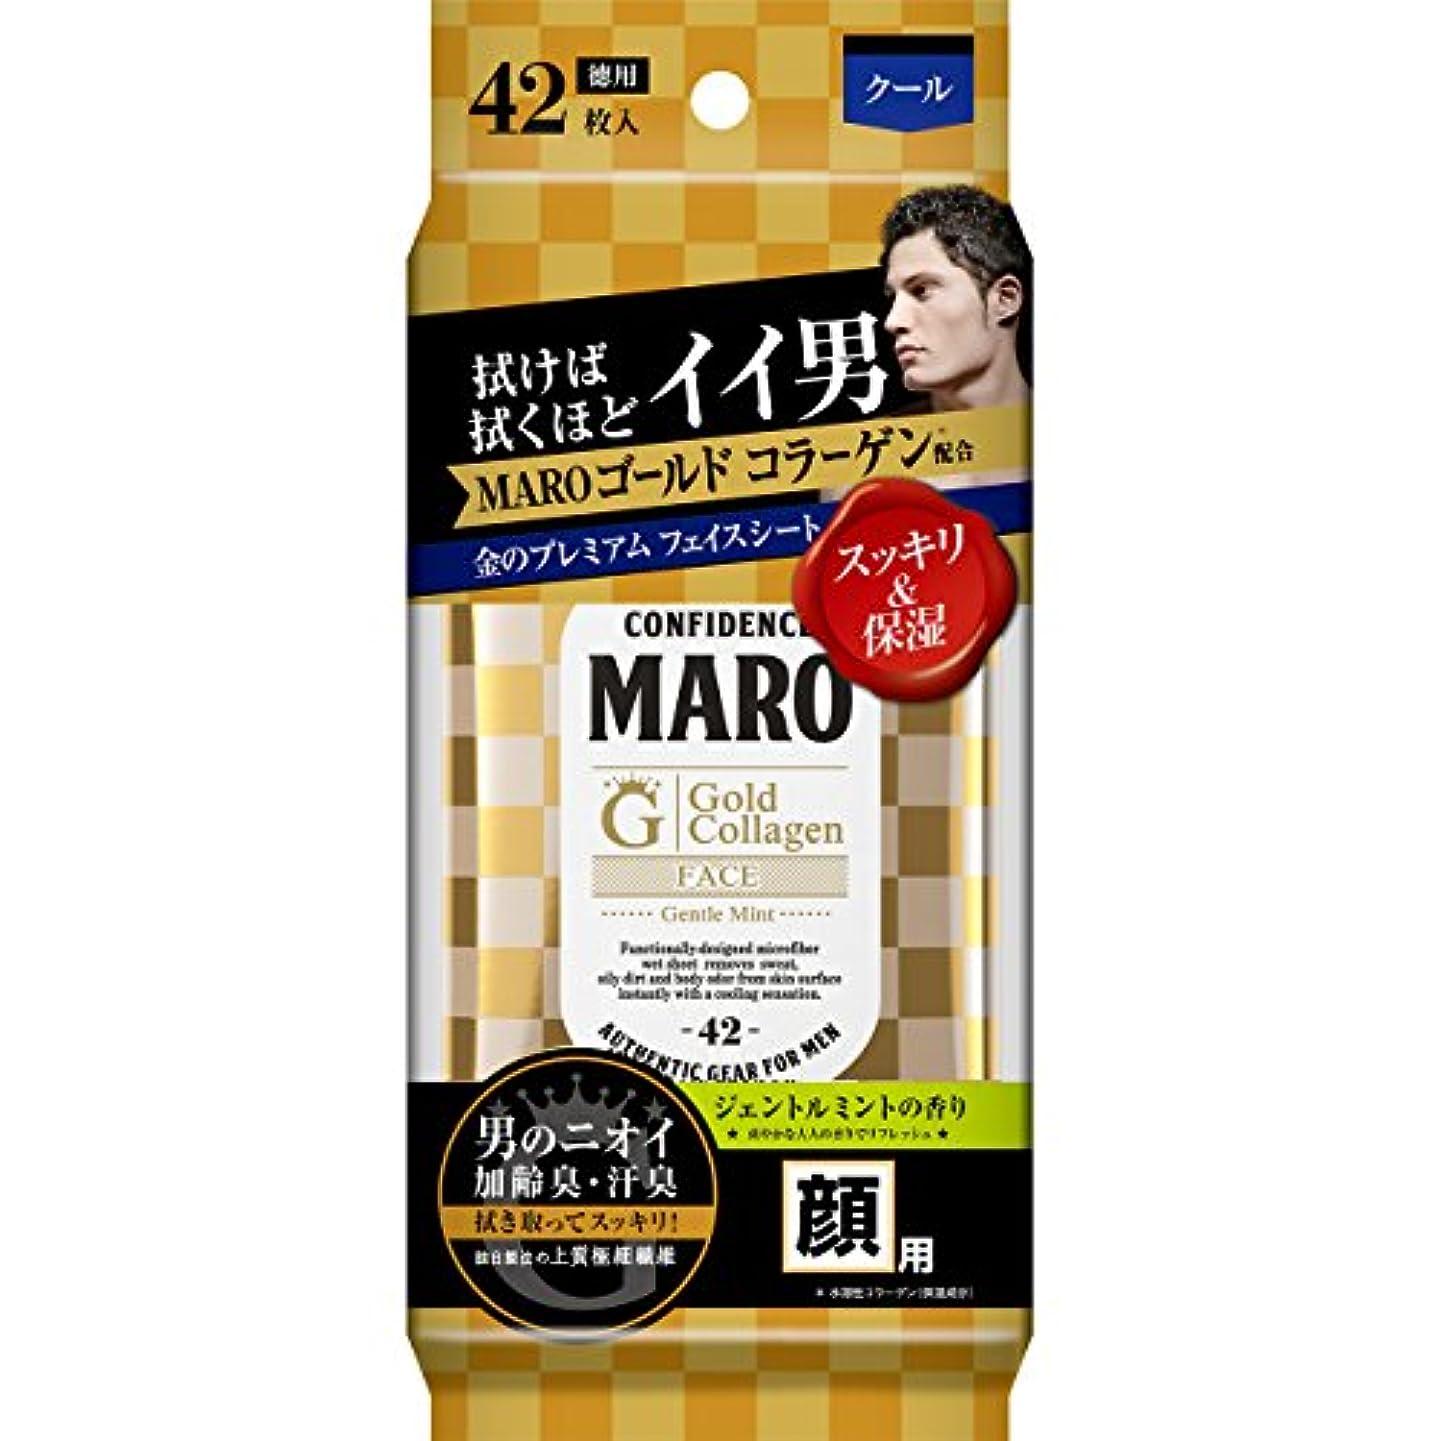 アフリカ人金銭的地下MARO プレミアム フェイスシート GOLD ジェントルミントの香り 42枚入